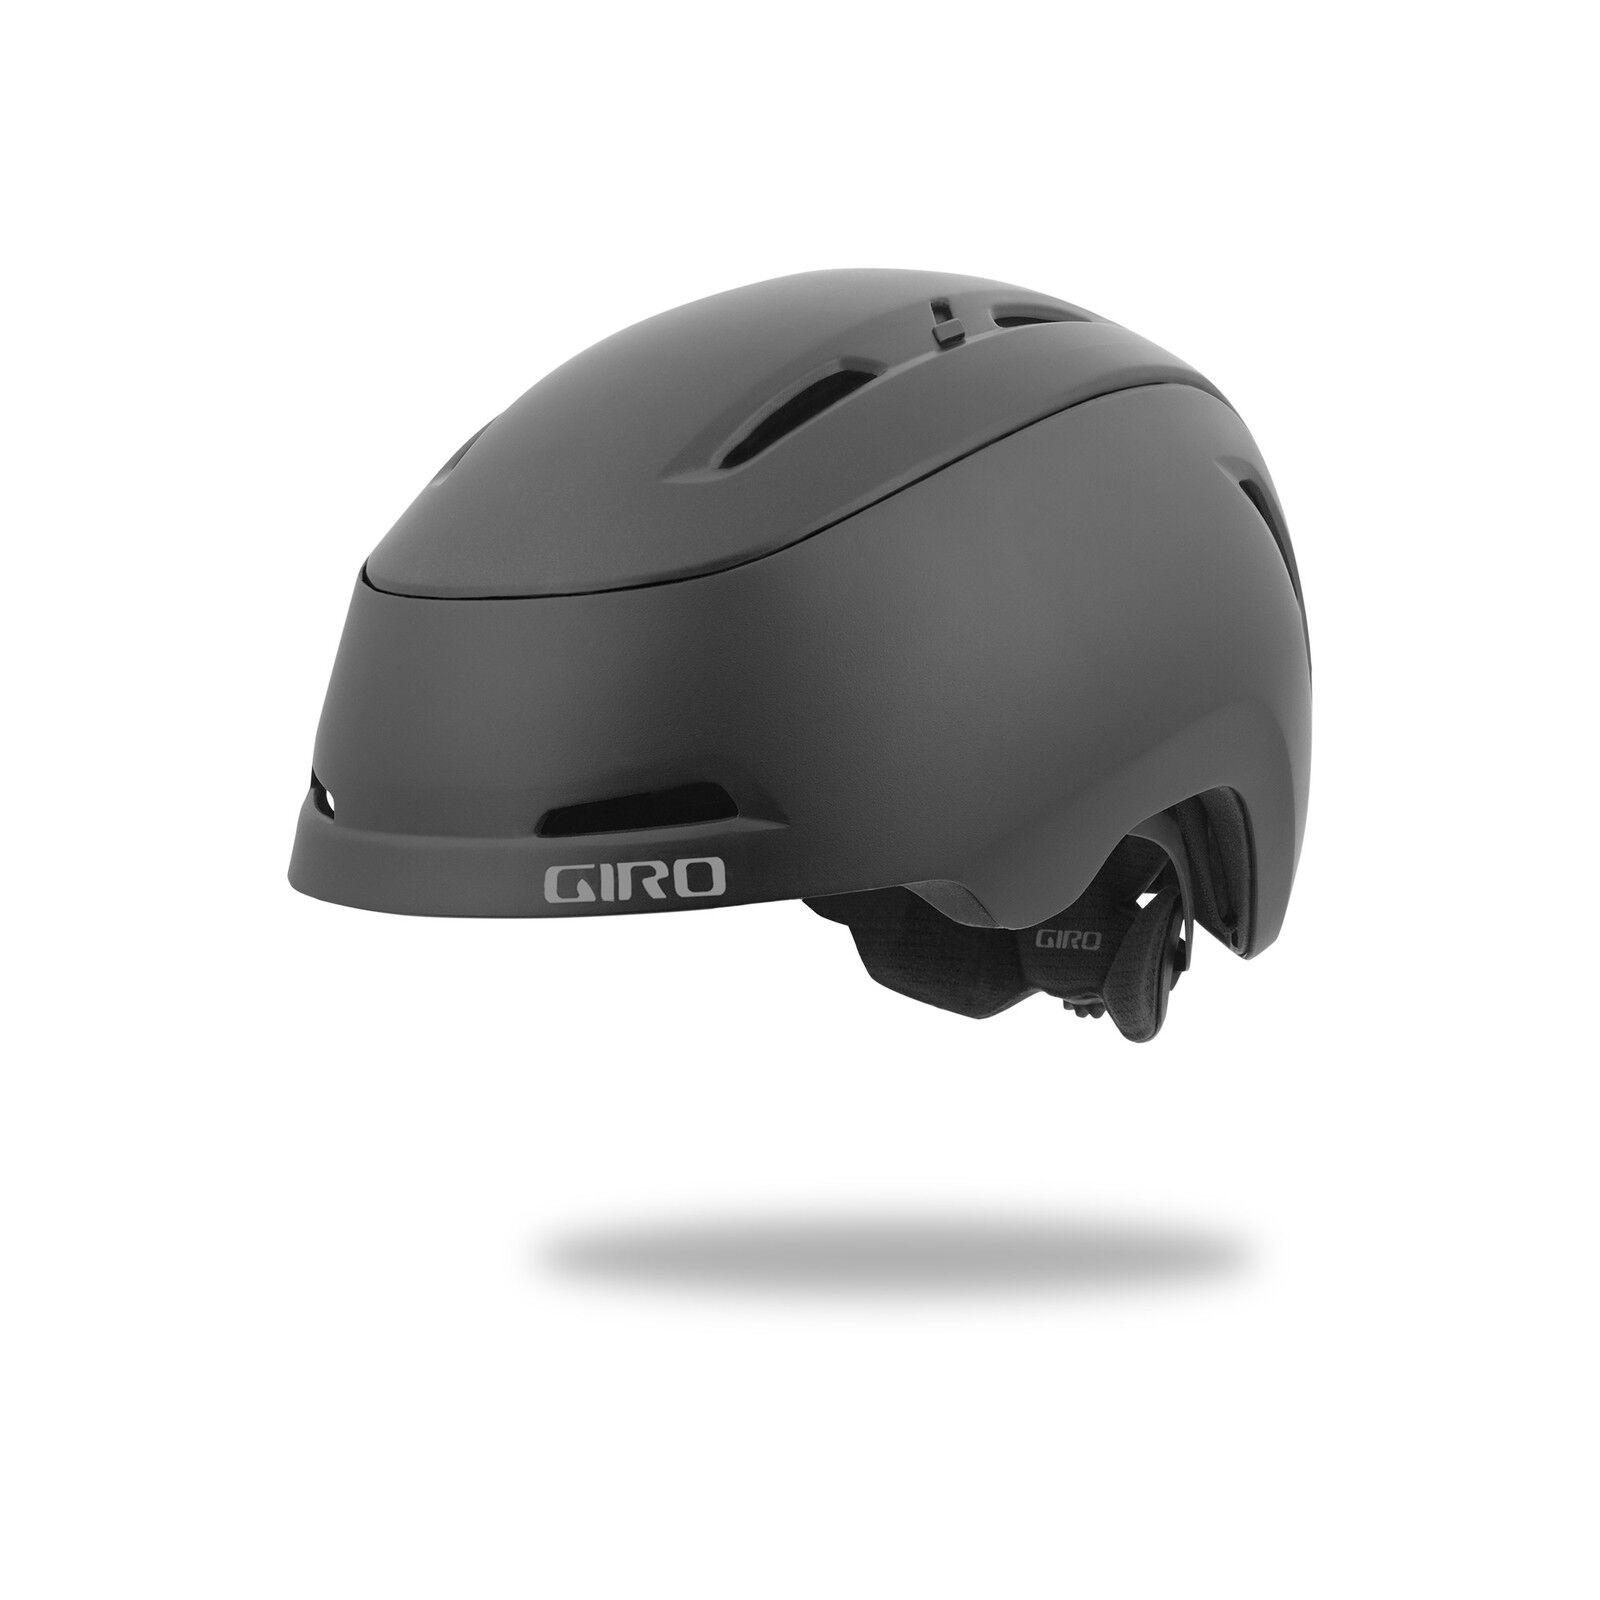 Giro Camden MIPS City bicicleta casco negro 2019